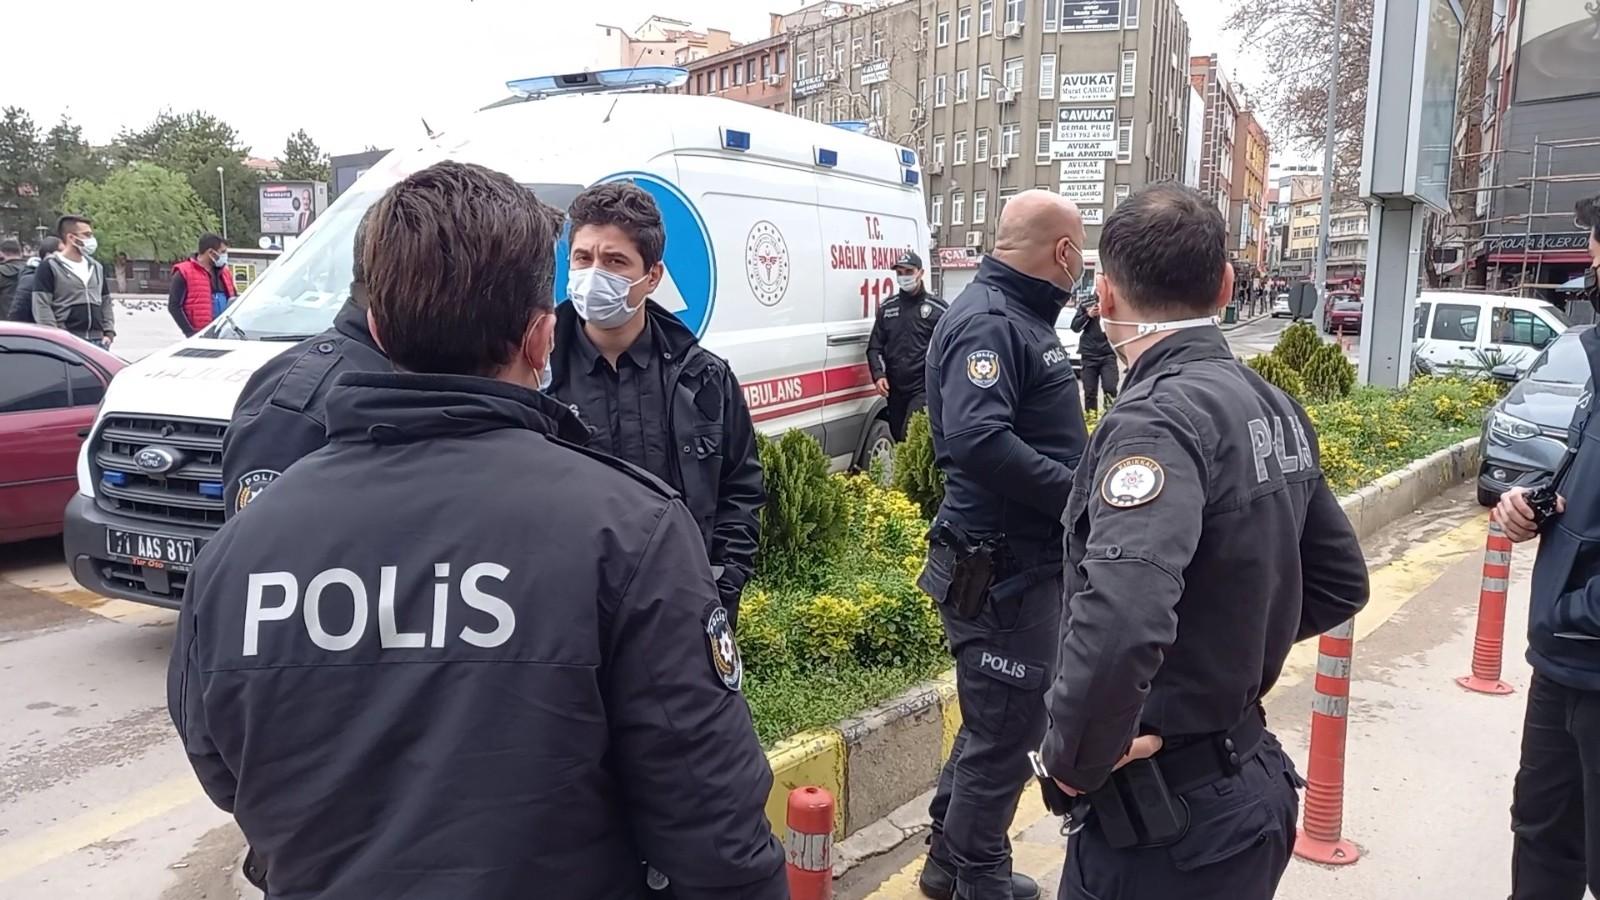 Emniyet önünde kavga! Ayırmaya çalışan polis ve bekçi bıçaklanarak yaralandı